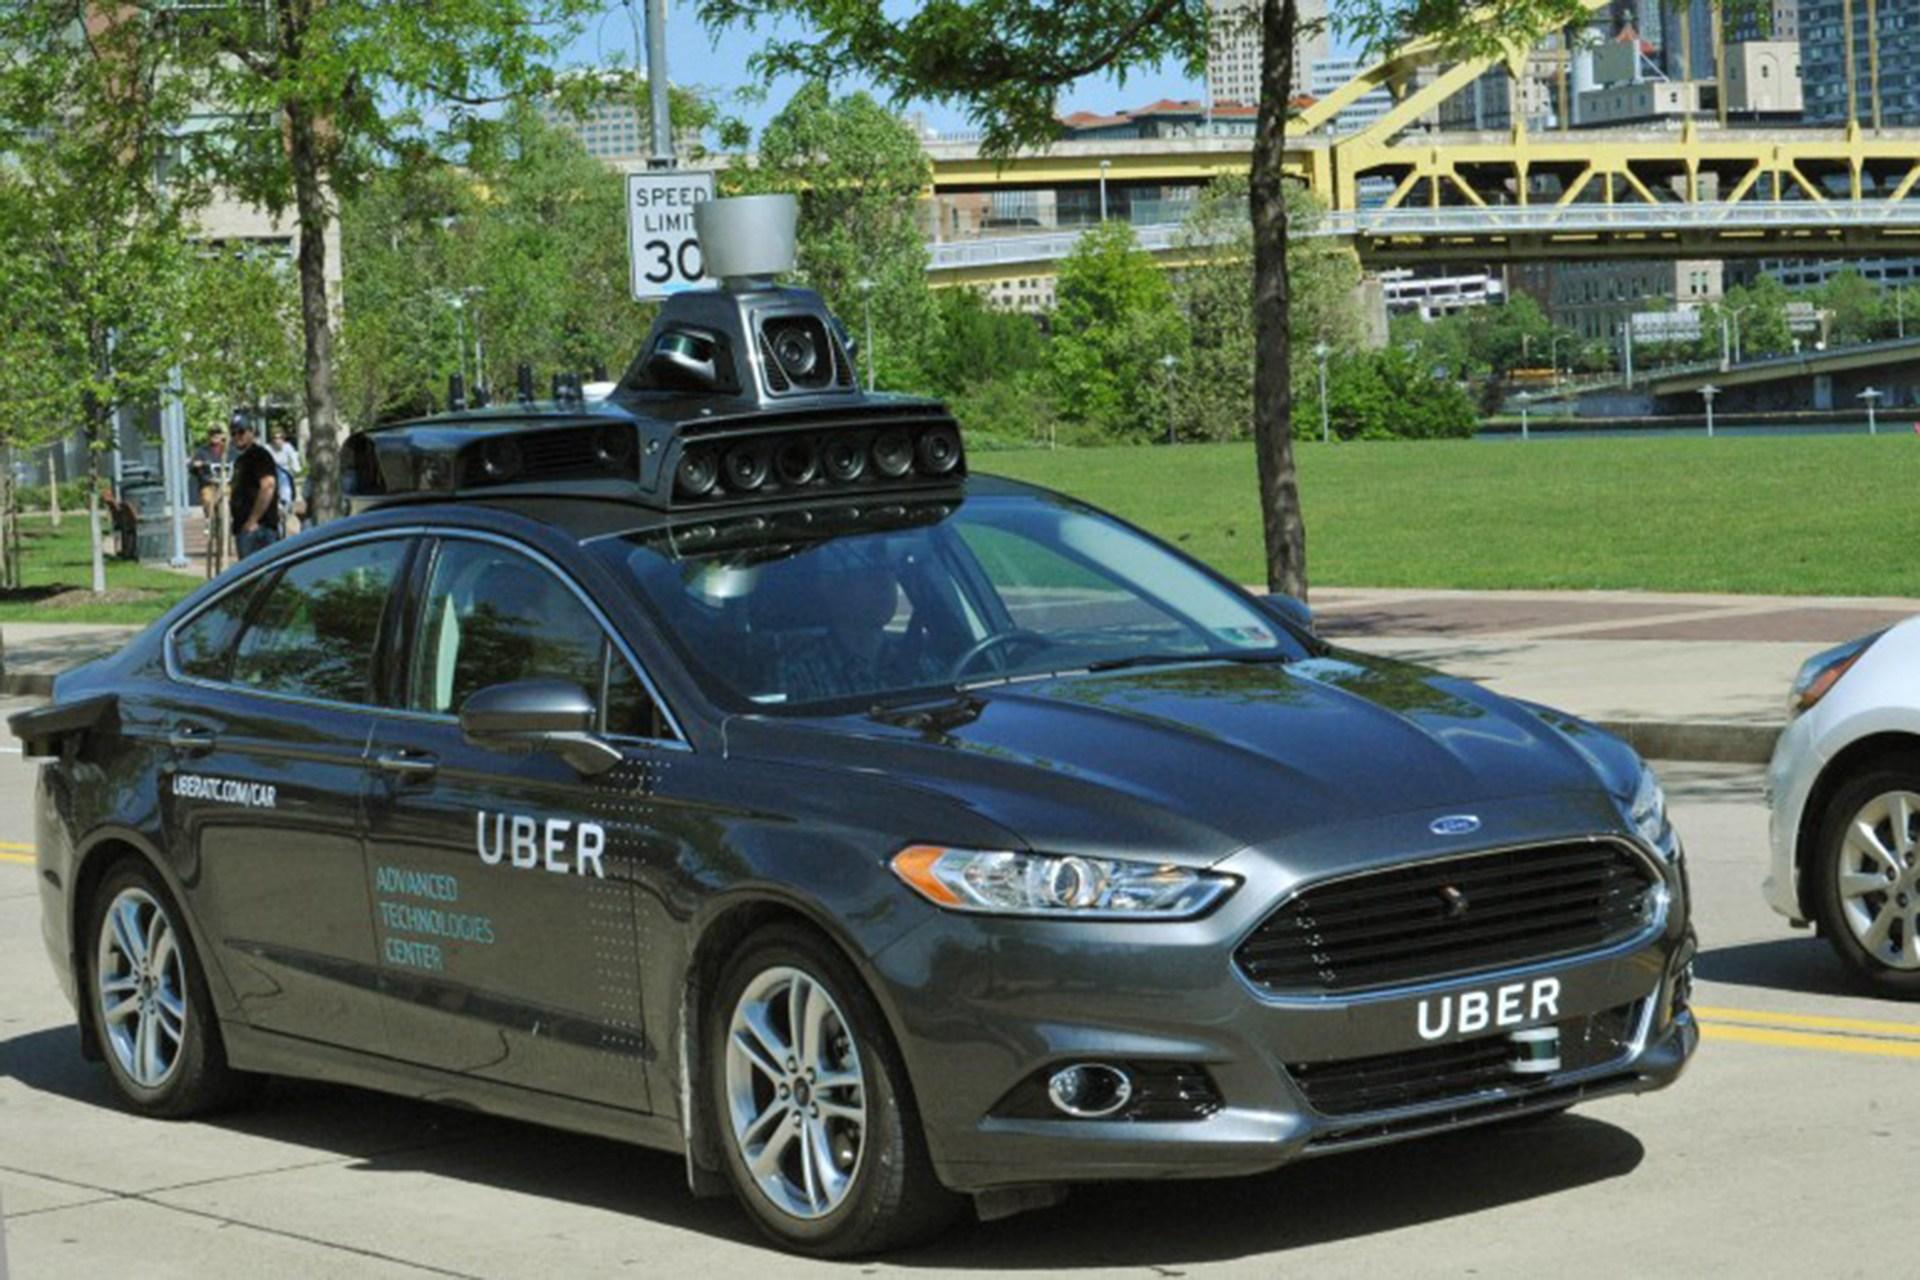 Uber testuje samojeżdżący autonomiczny samochód